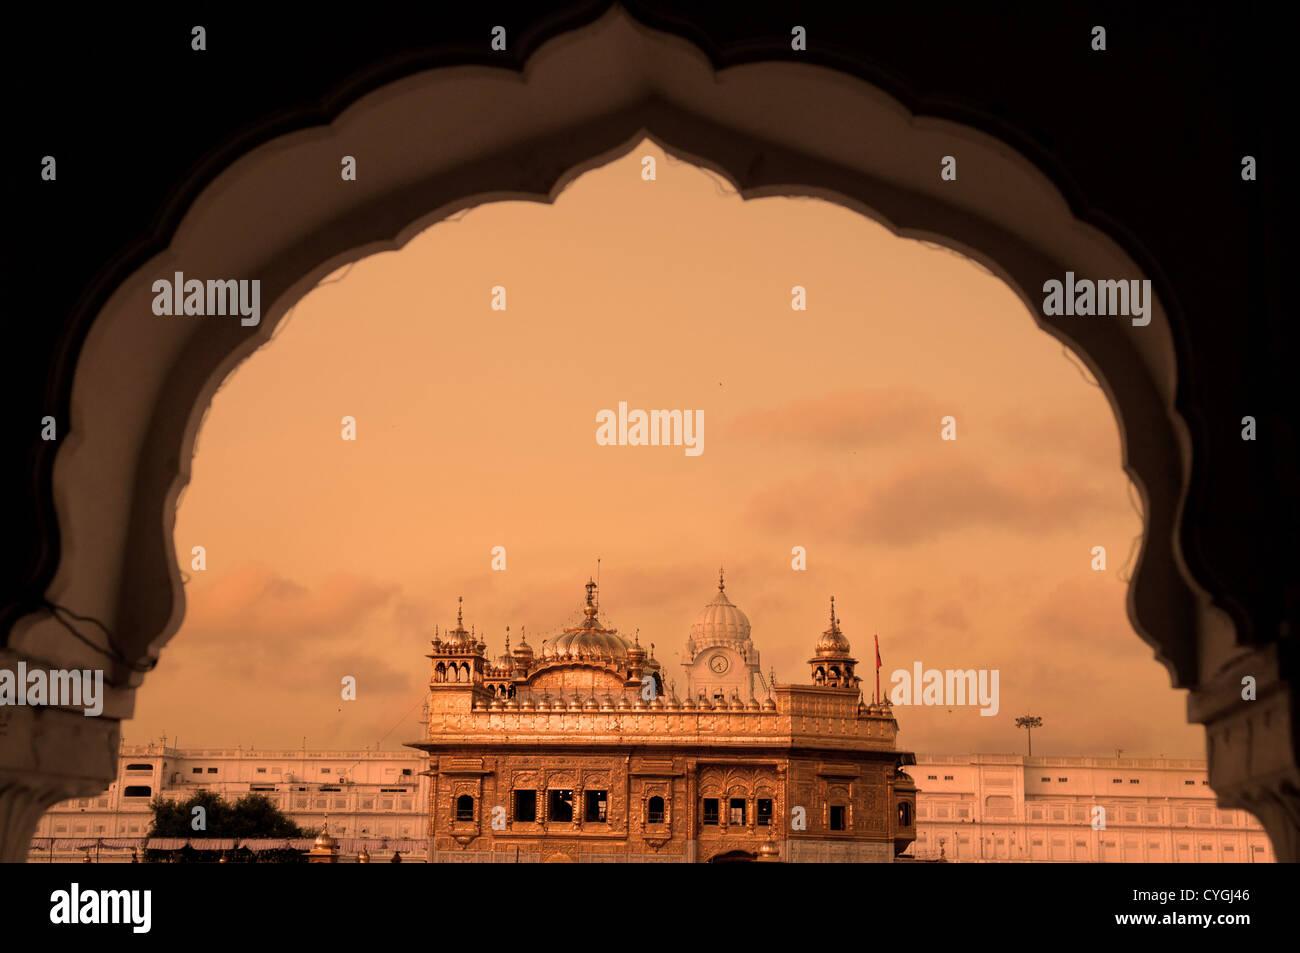 Il Tempio d'oro di Amritsar - India. Incorniciato con windows dal lato ovest. focus sul tempio Immagini Stock